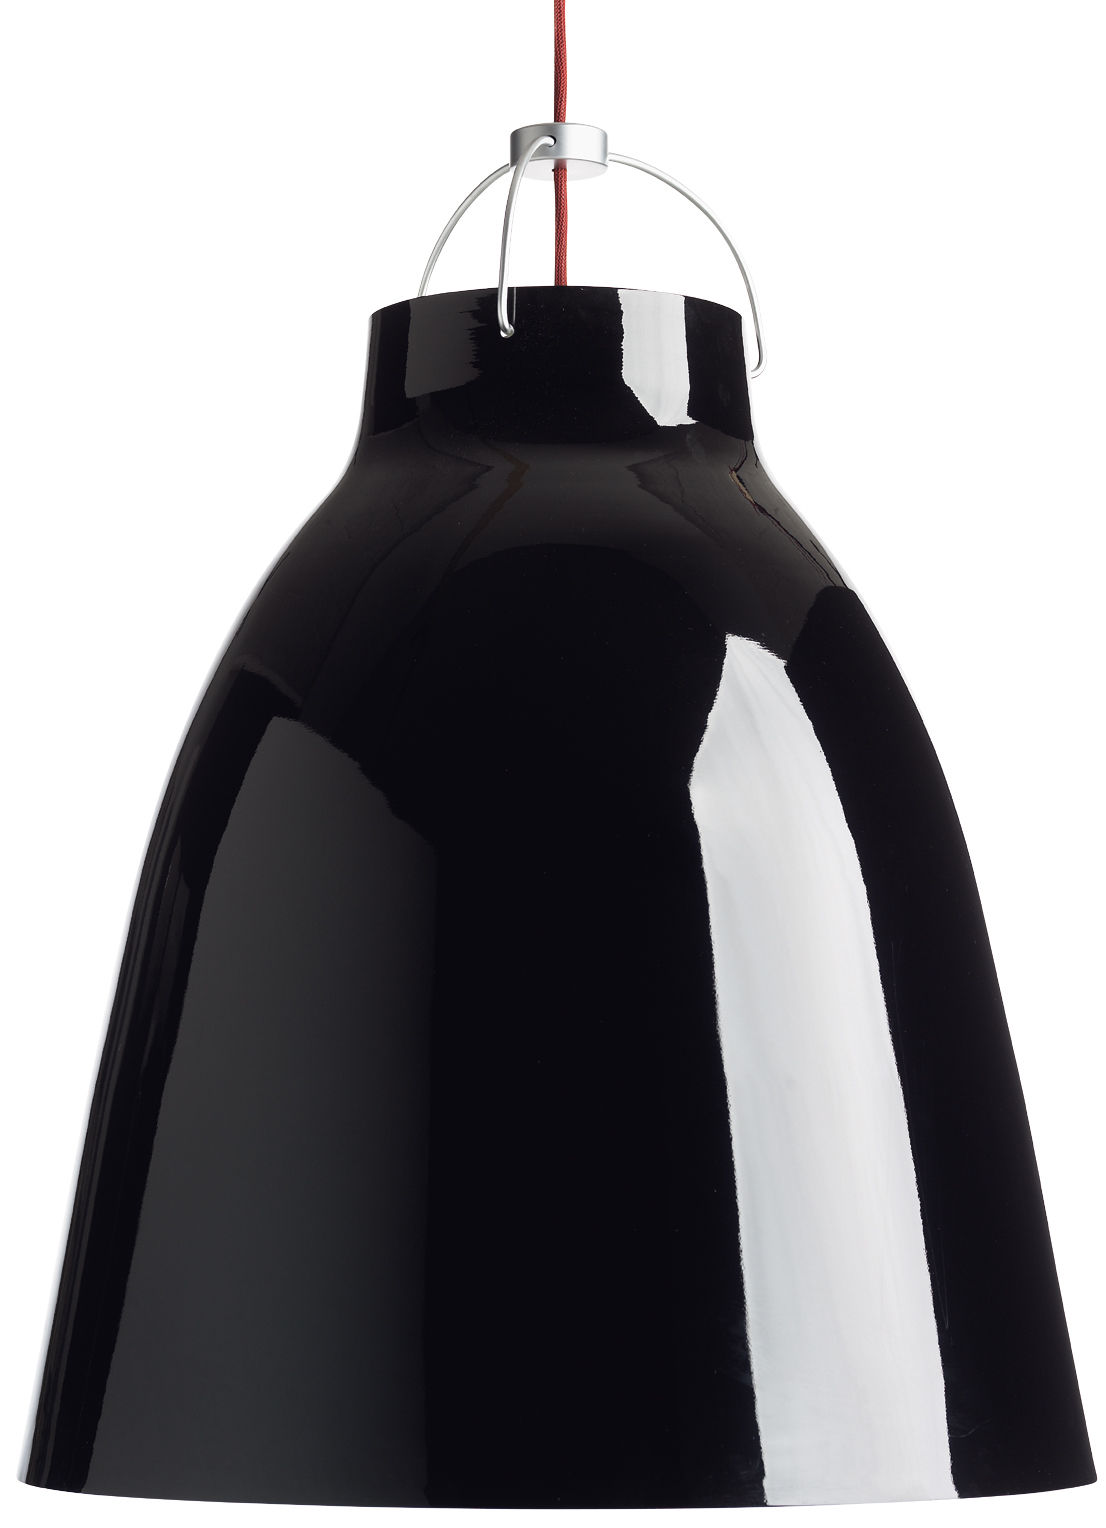 Luminaire - Suspensions - Suspension Caravaggio XL / Ø 55 cm - Lightyears - Noir brillant / Câble rouge - Aluminium laqué